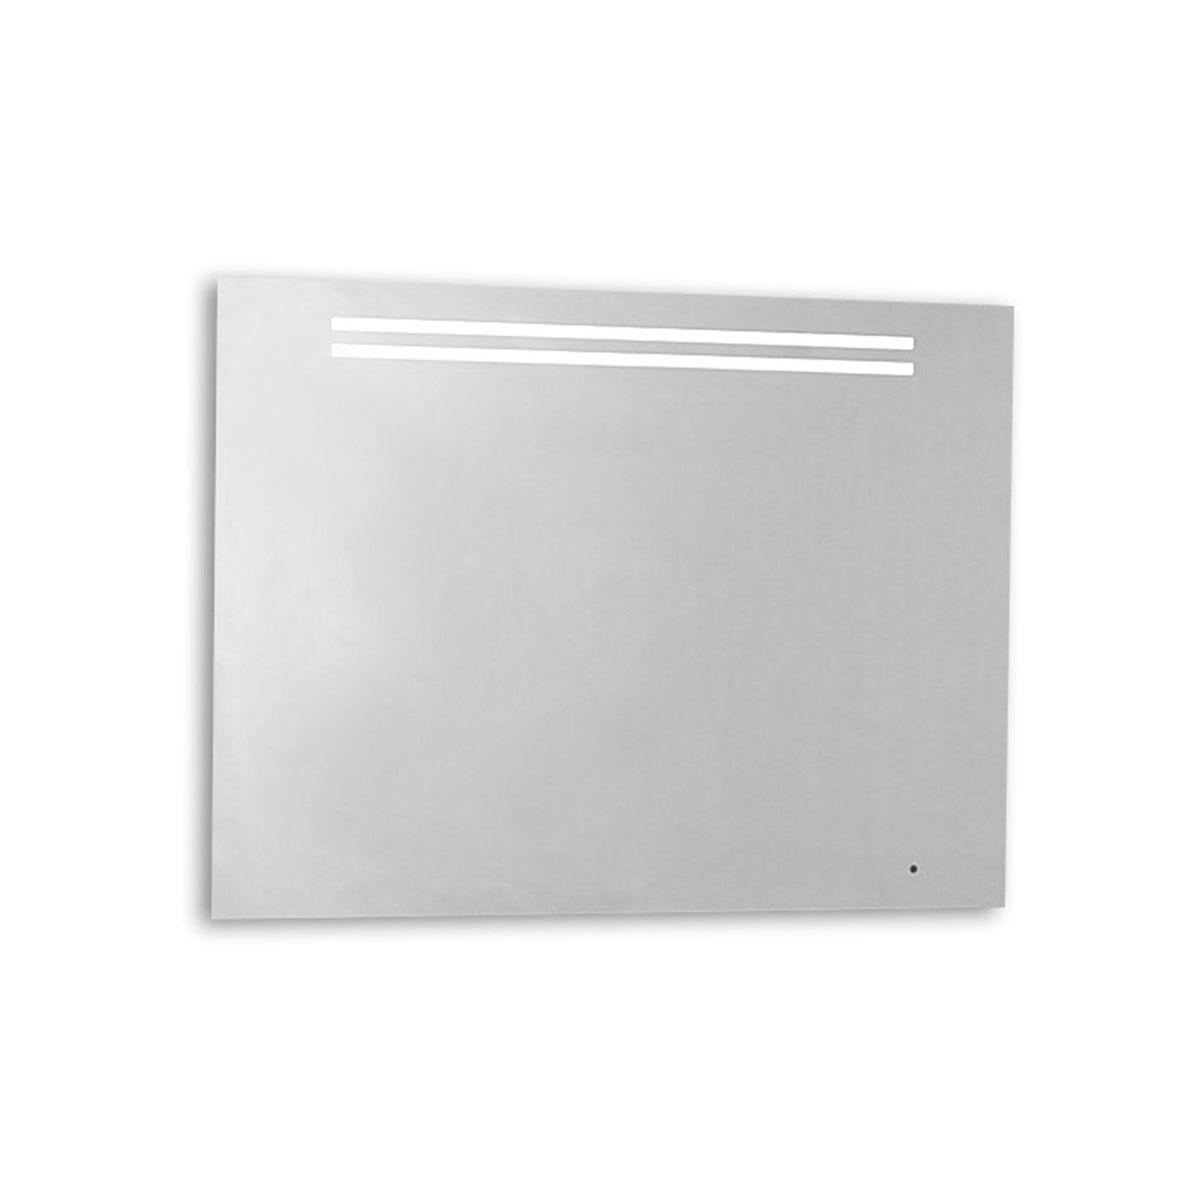 Specchio con illuminazione led integrata e interruttore - Specchio bagno led prezzo ...